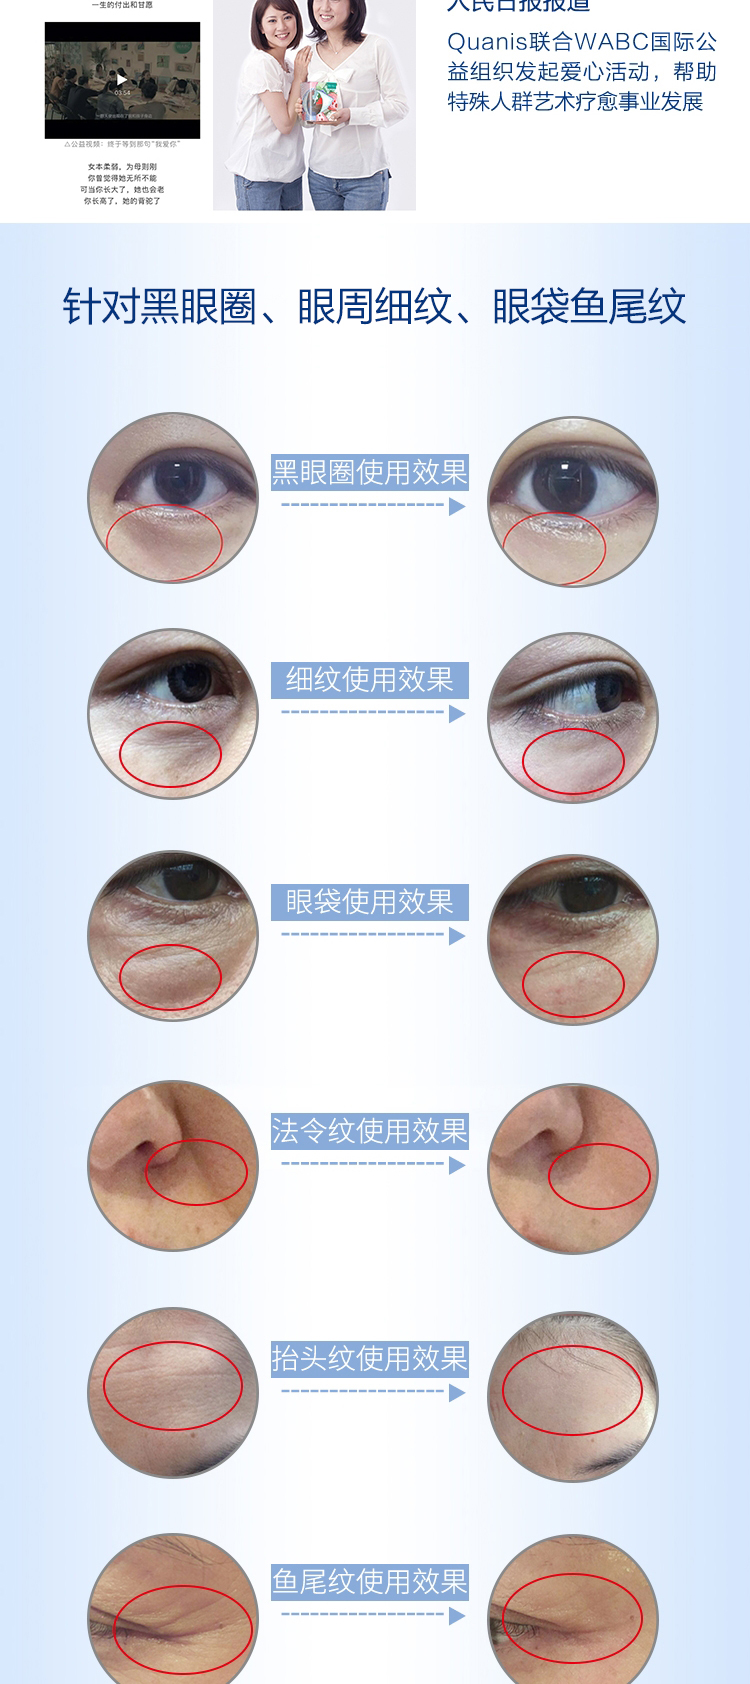 【逆龄黑科技】Quanis克奥妮斯玻尿酸微针眼贴1300针(6对装)淡化黑眼圈